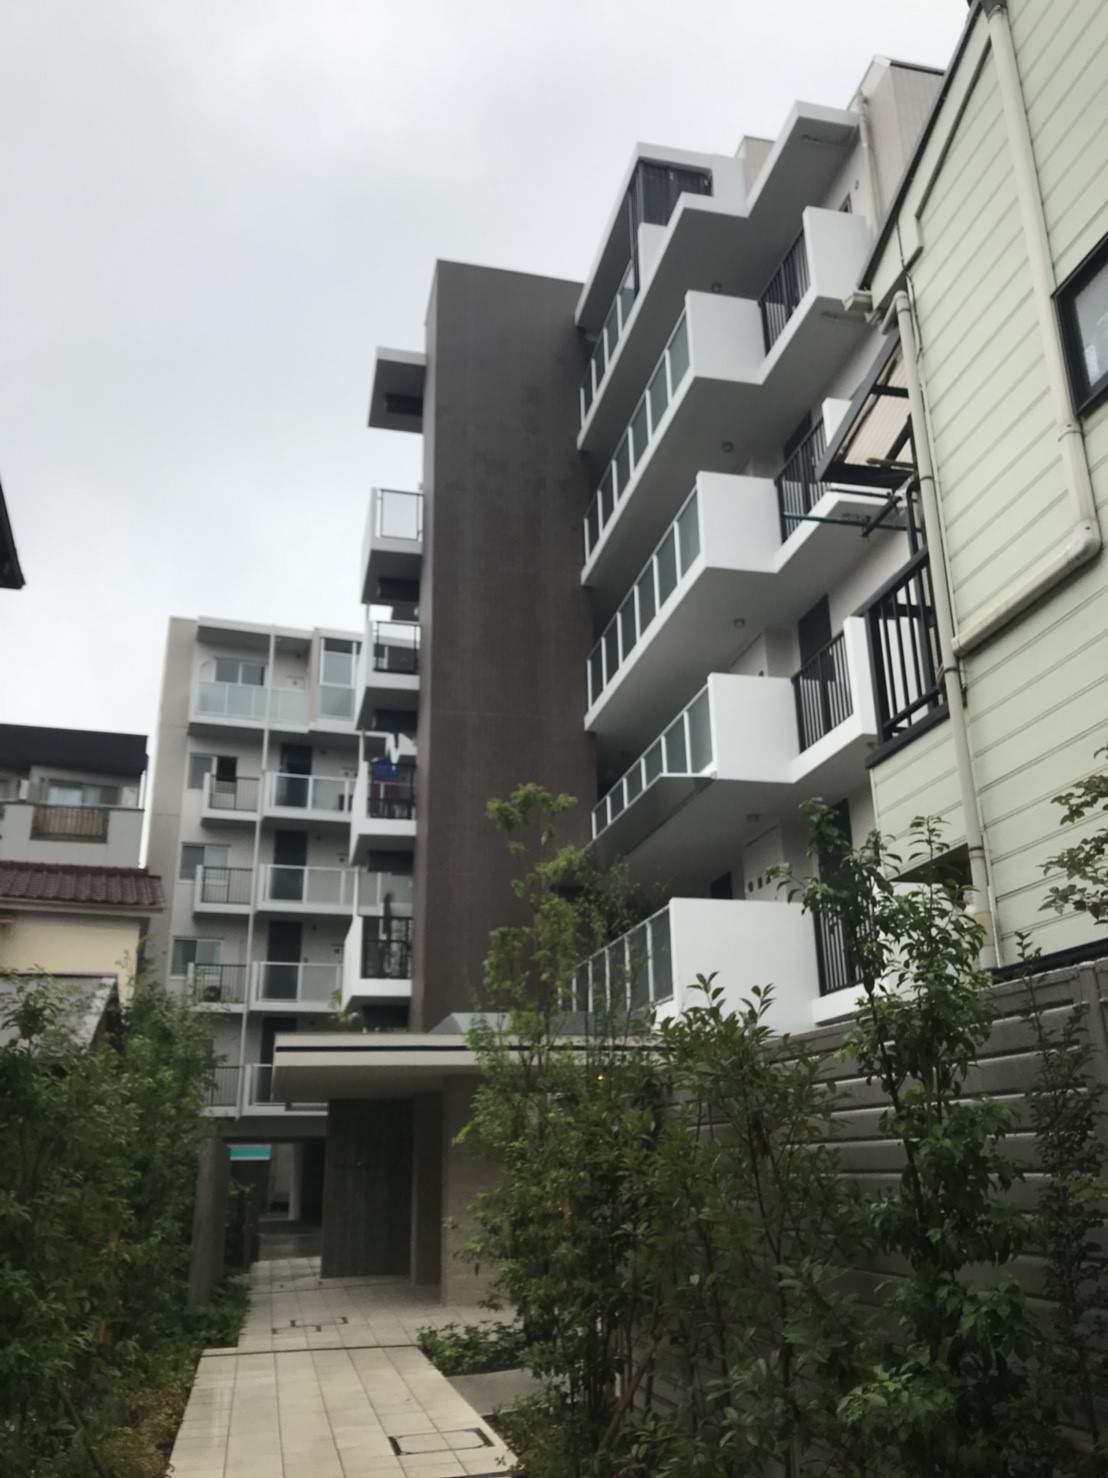 神奈川県川崎市川崎区、川崎大師駅徒歩12分の新築 6階建の賃貸マンション